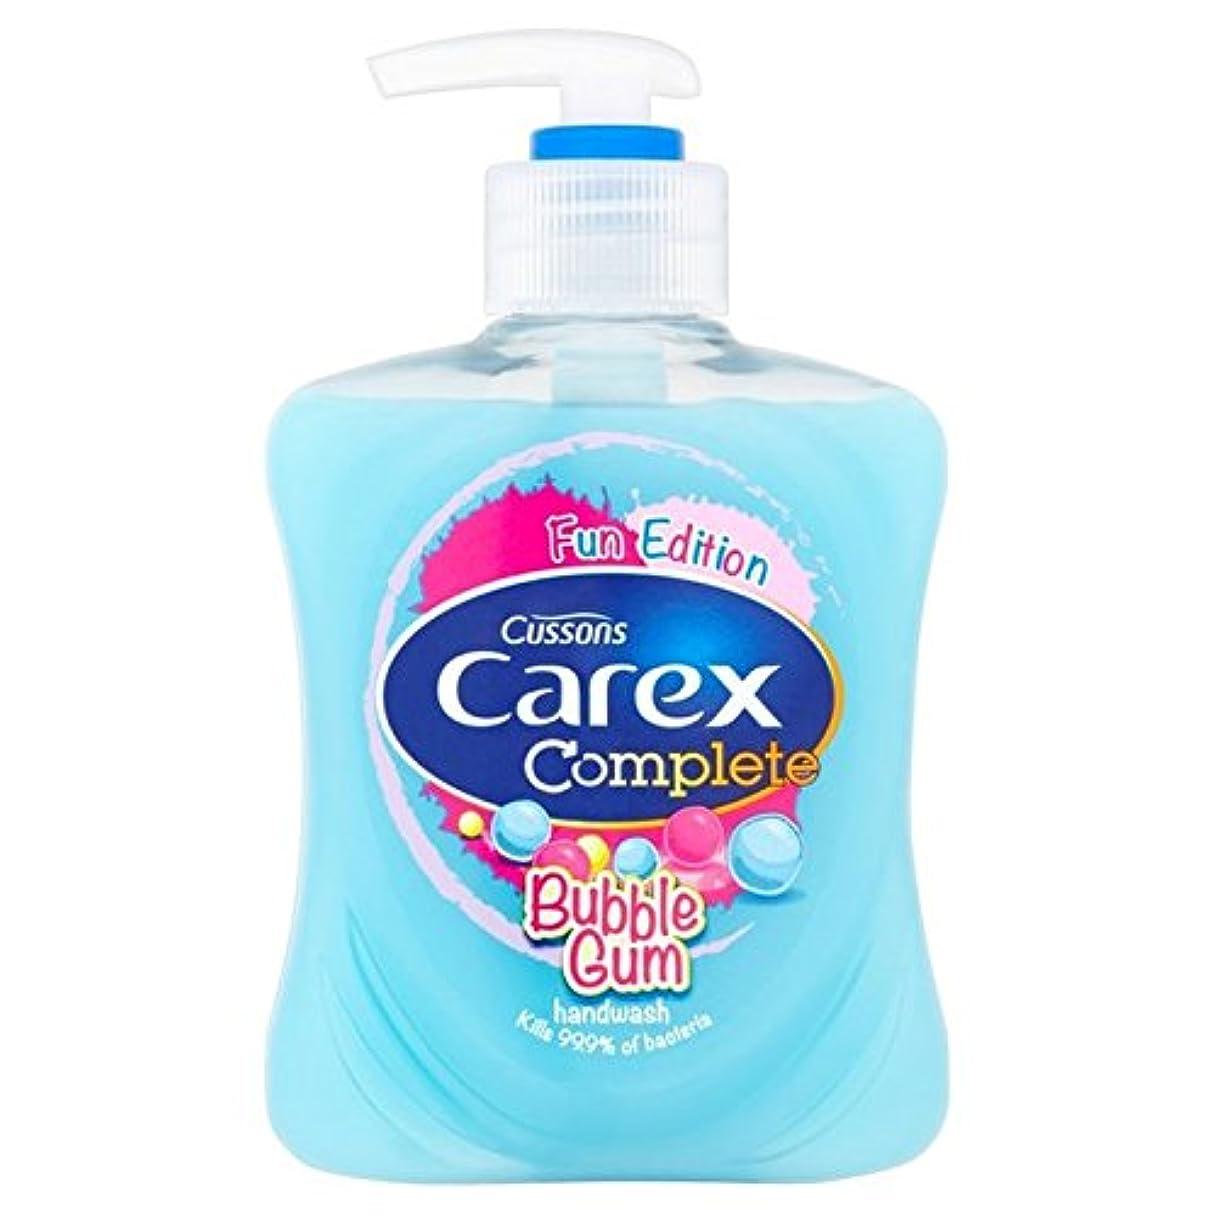 全滅させるエロチック何もないCarex Kids Handwash Bubblegum 250ml - スゲ子供手洗いバブルガムの250ミリリットル [並行輸入品]